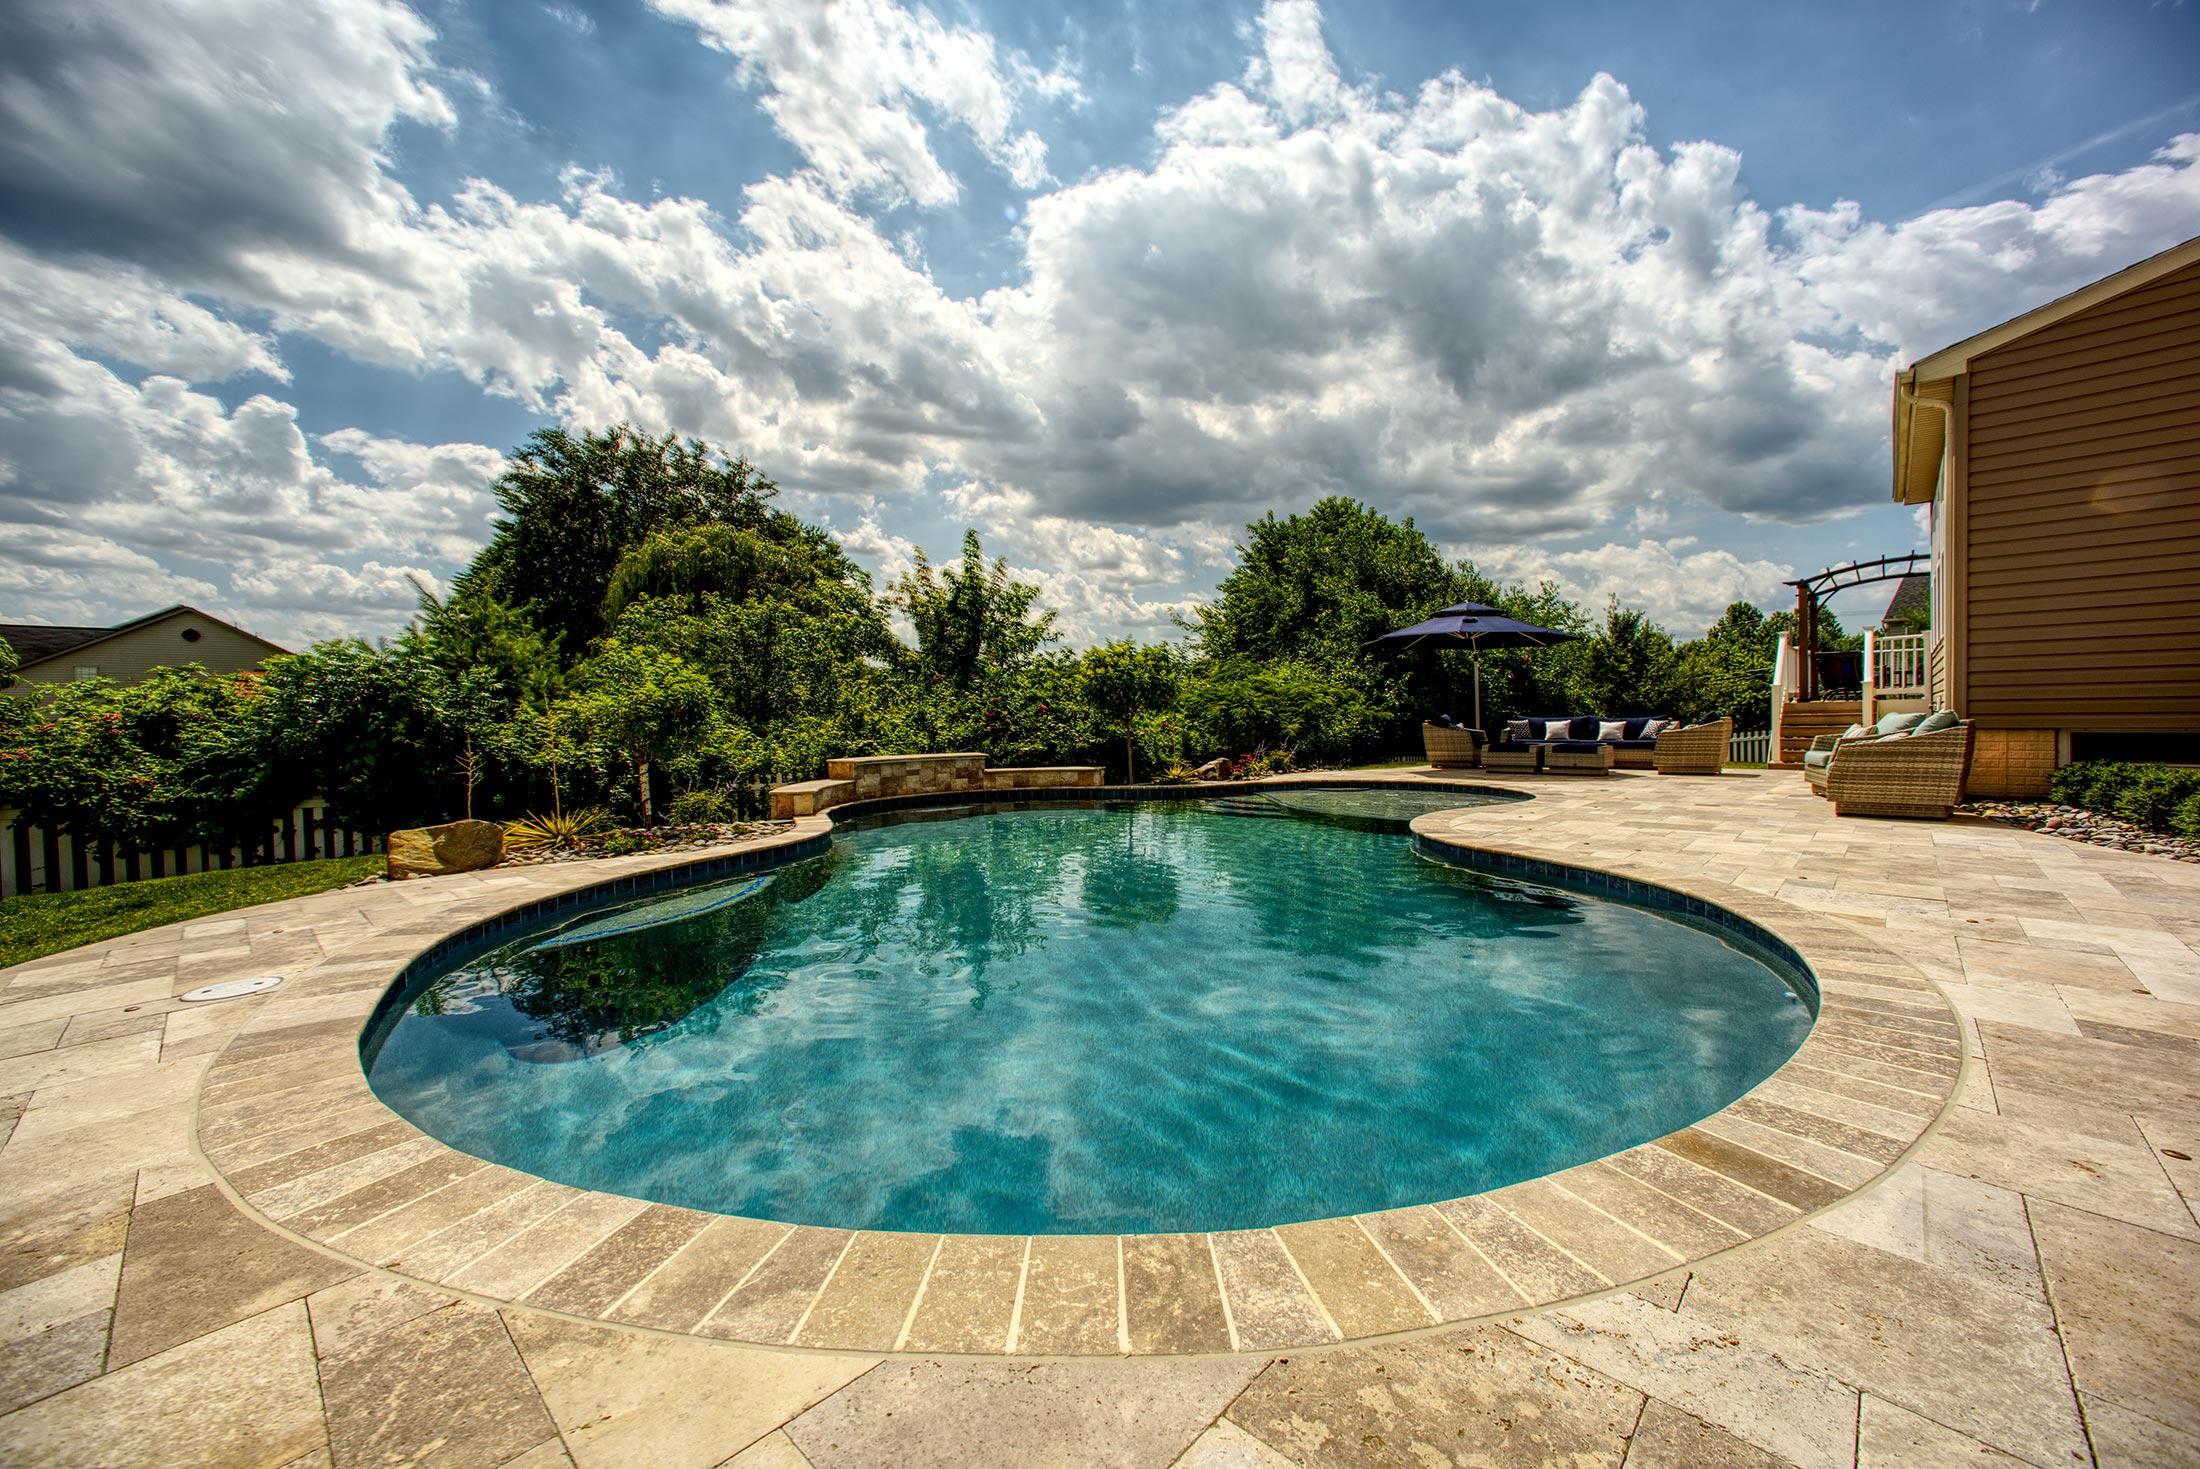 Pool-repairs-and-decking